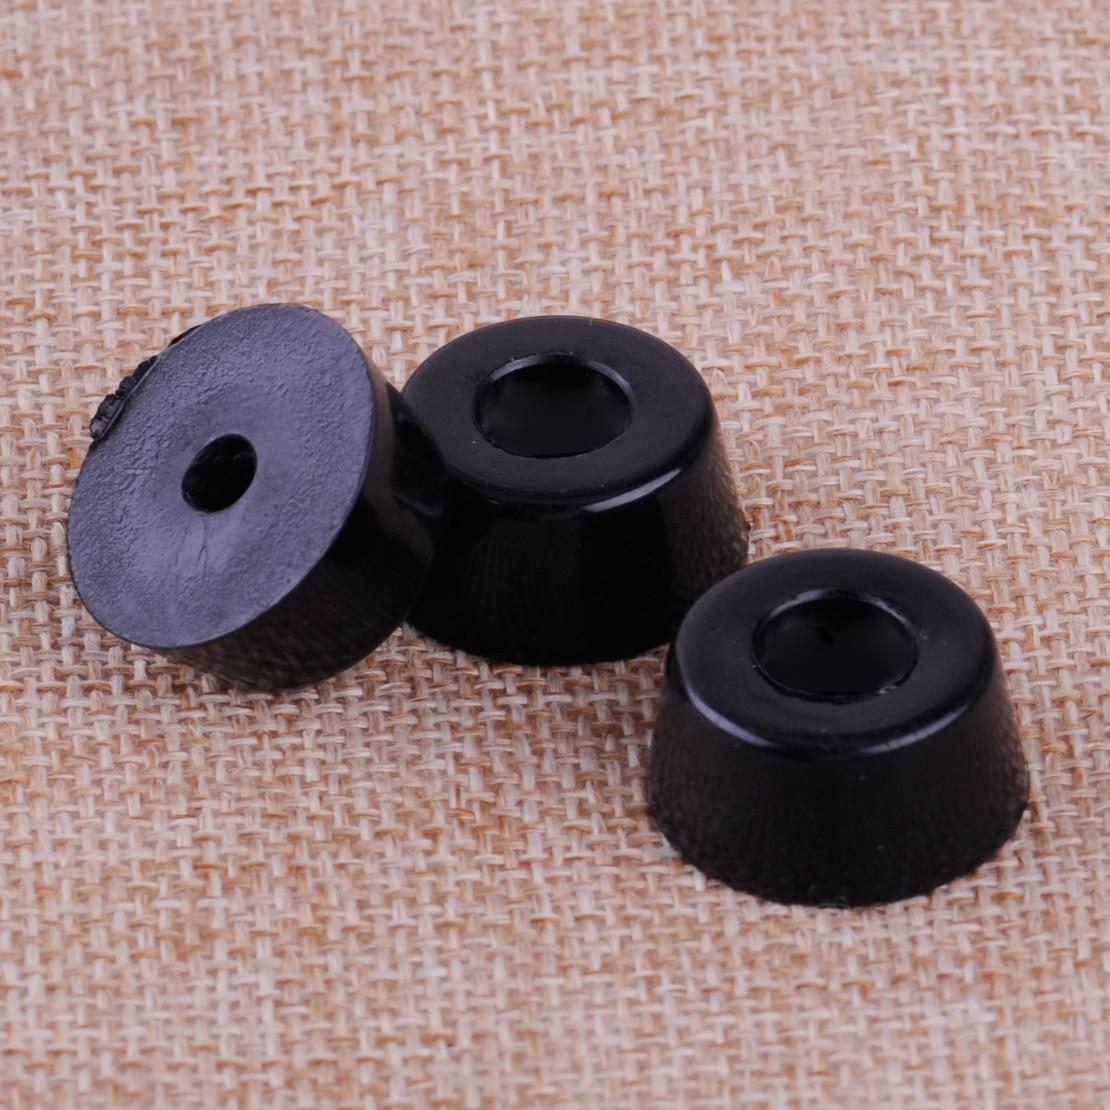 Шт. 8 шт. черный динамик шкаф мебель стул стол коробка конические резиновая подкладка стенд амортизатор S/M/L сопротивление скольжению